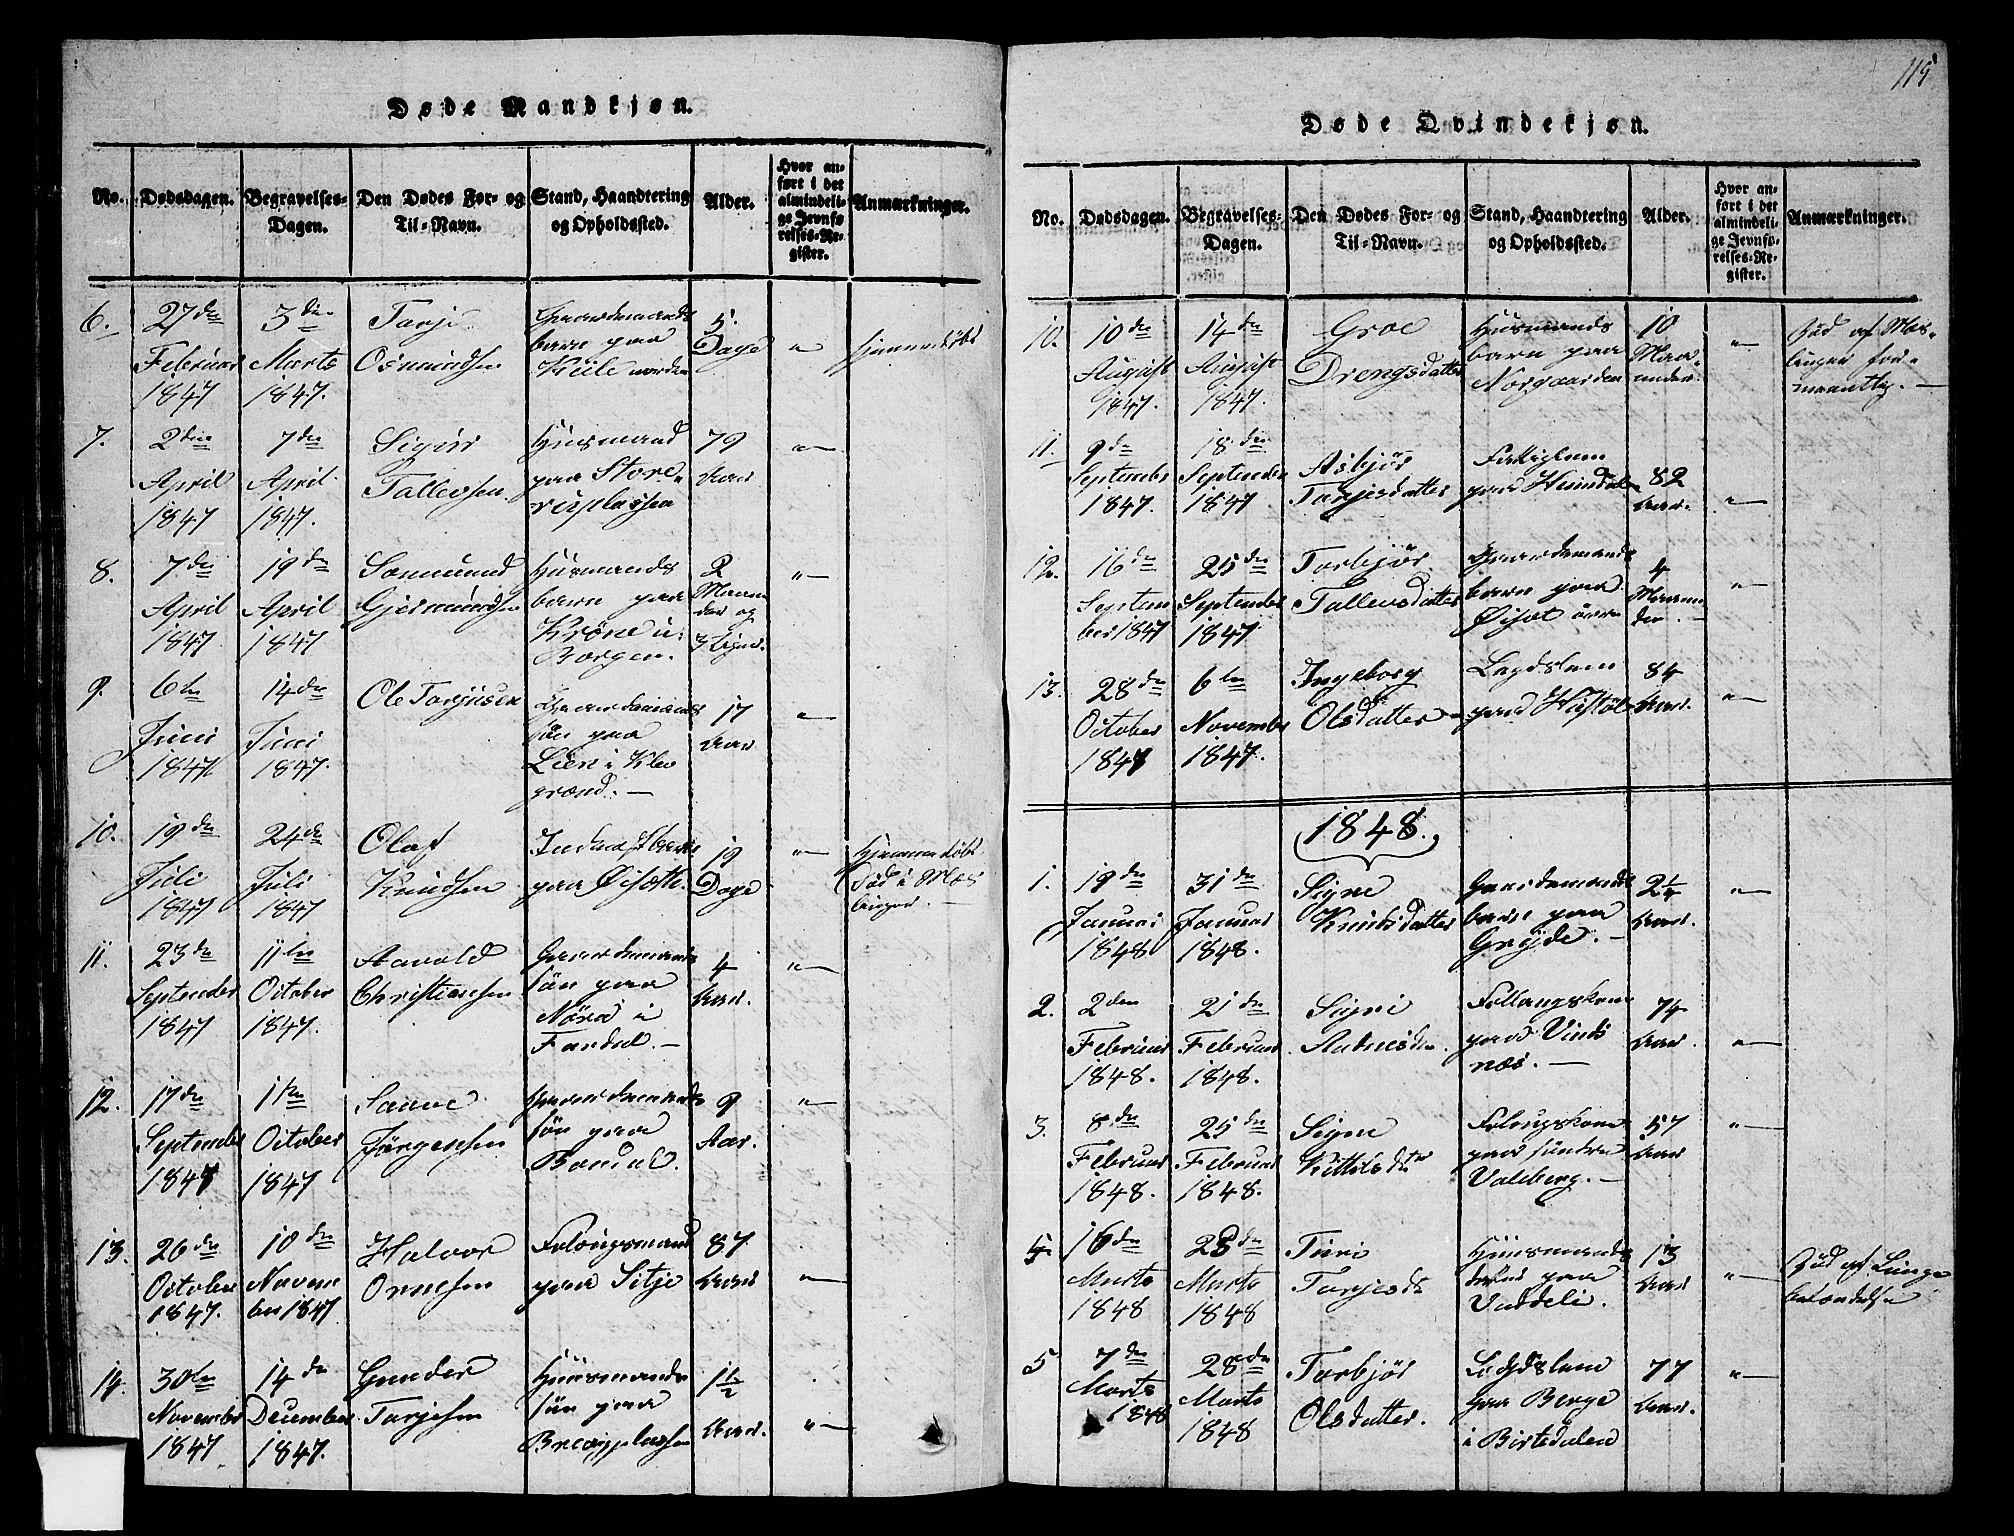 SAKO, Fyresdal kirkebøker, G/Ga/L0002: Klokkerbok nr. I 2, 1815-1857, s. 115